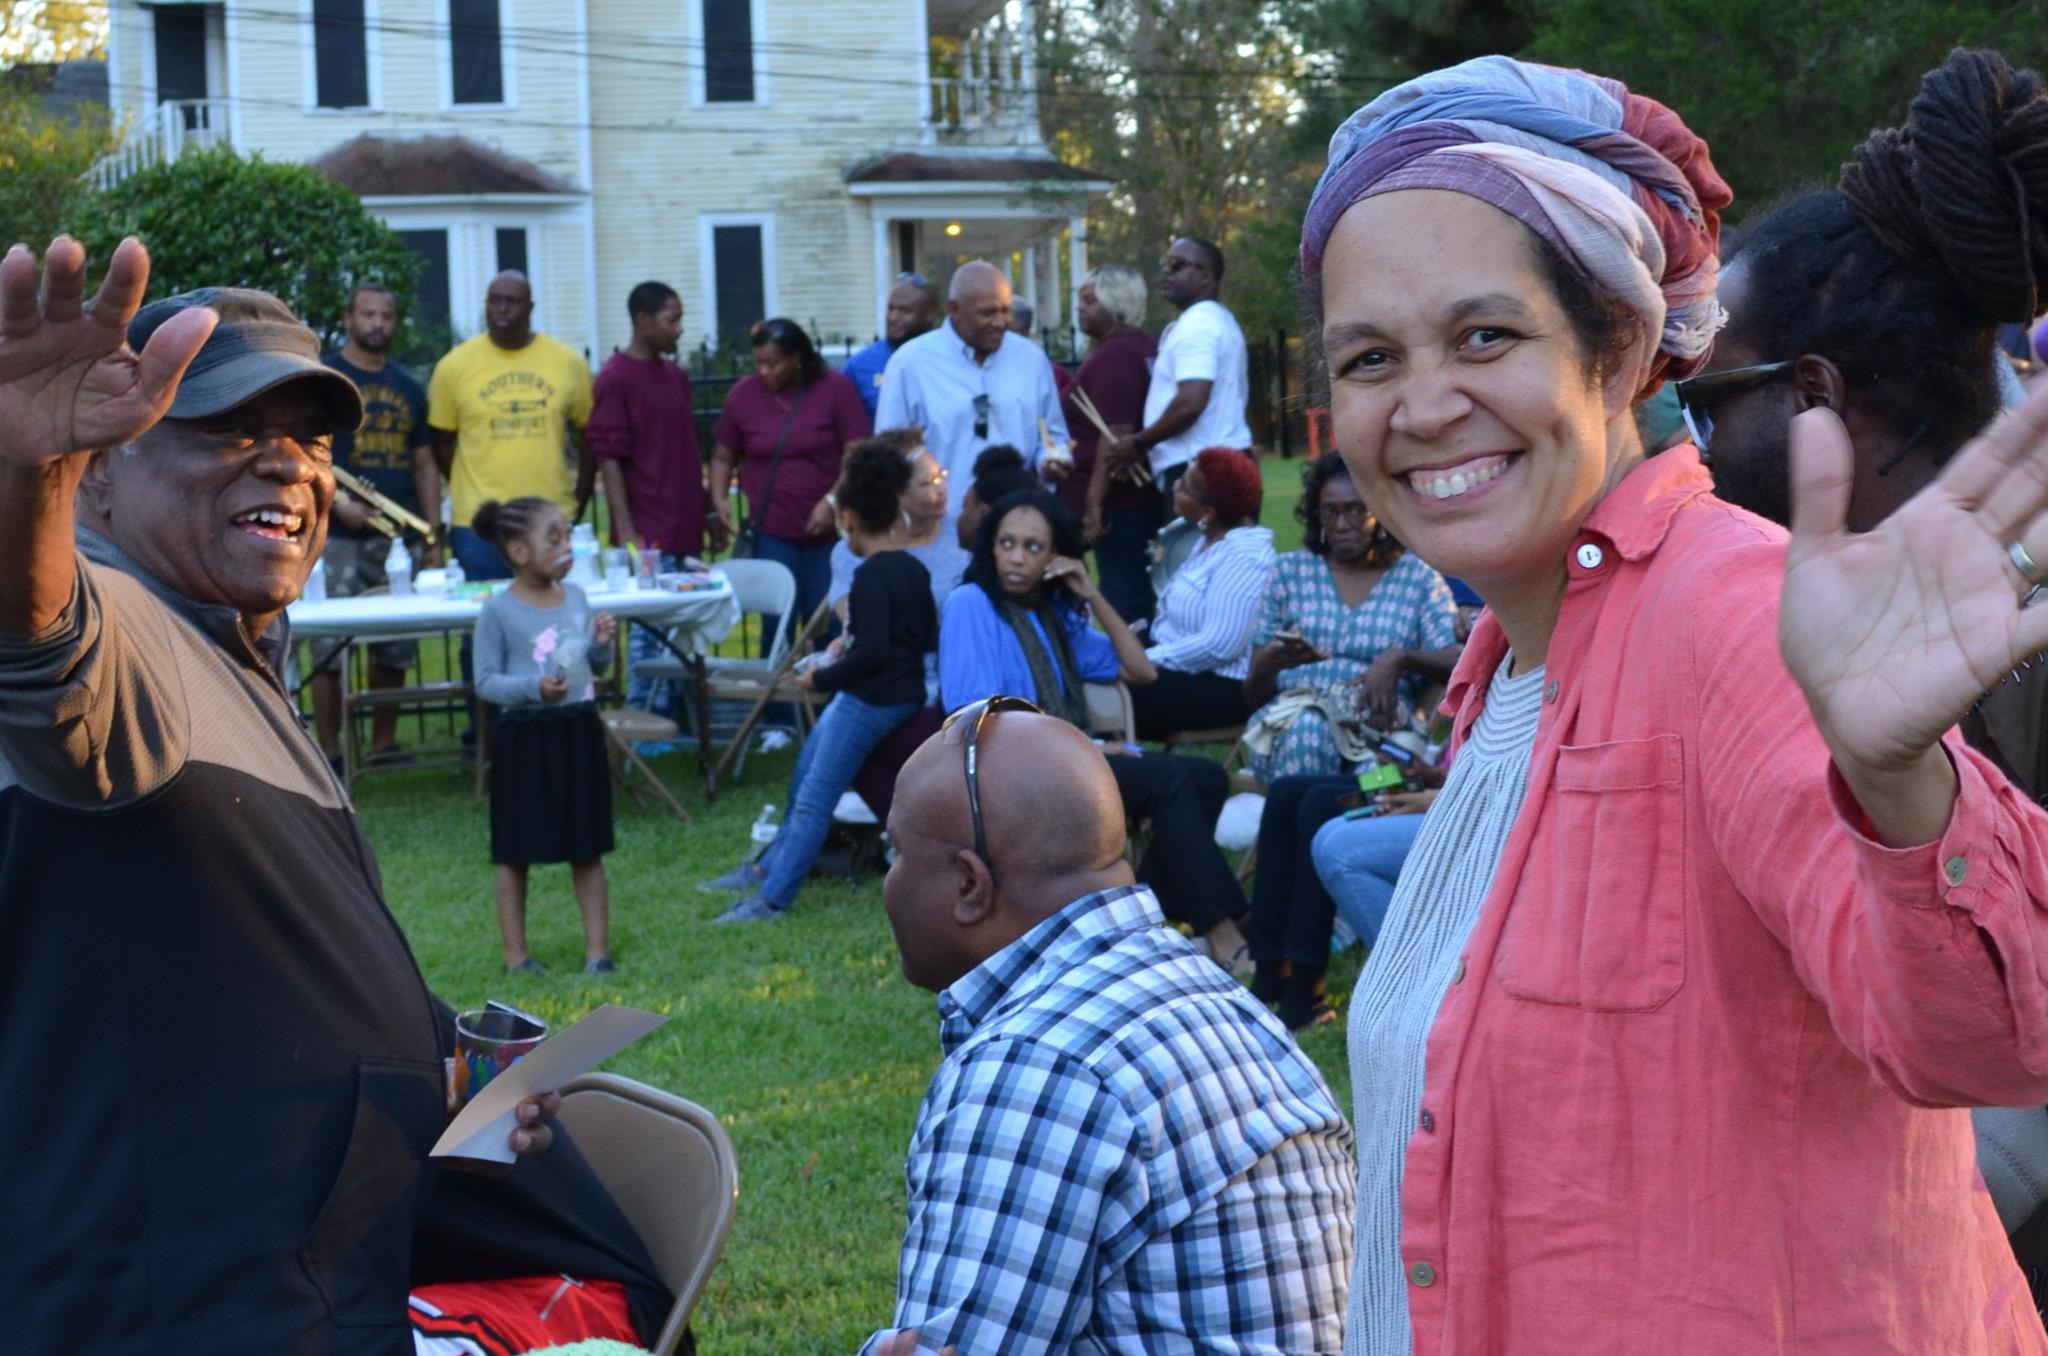 image of Porch fest event